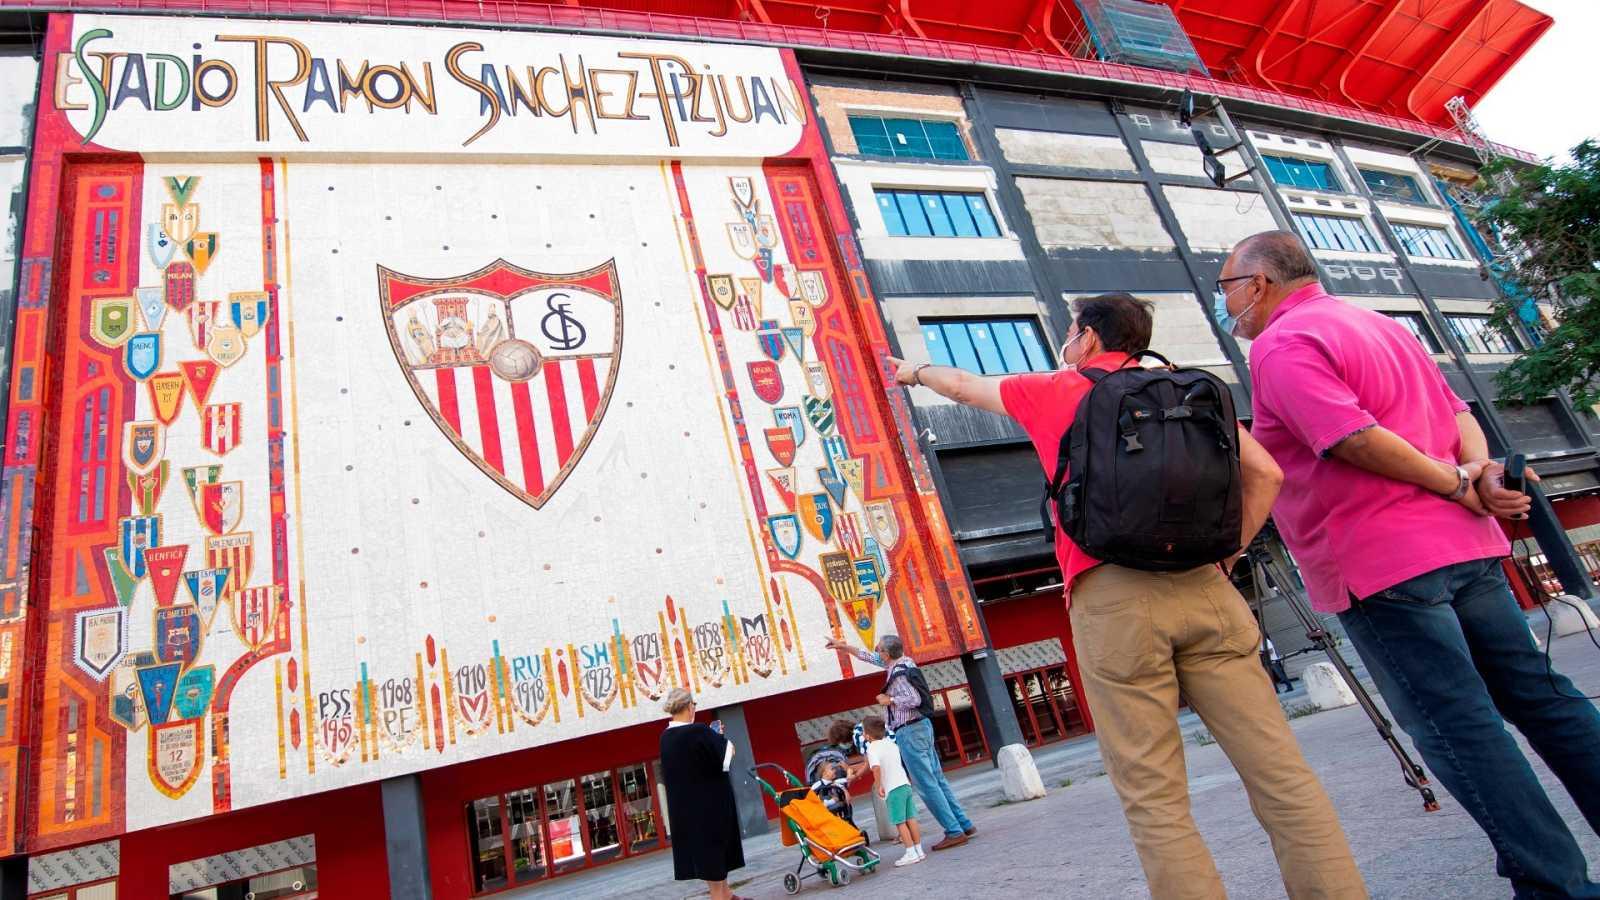 Dos personas frente al Estadio Ramón Sánchez-Pizjuán